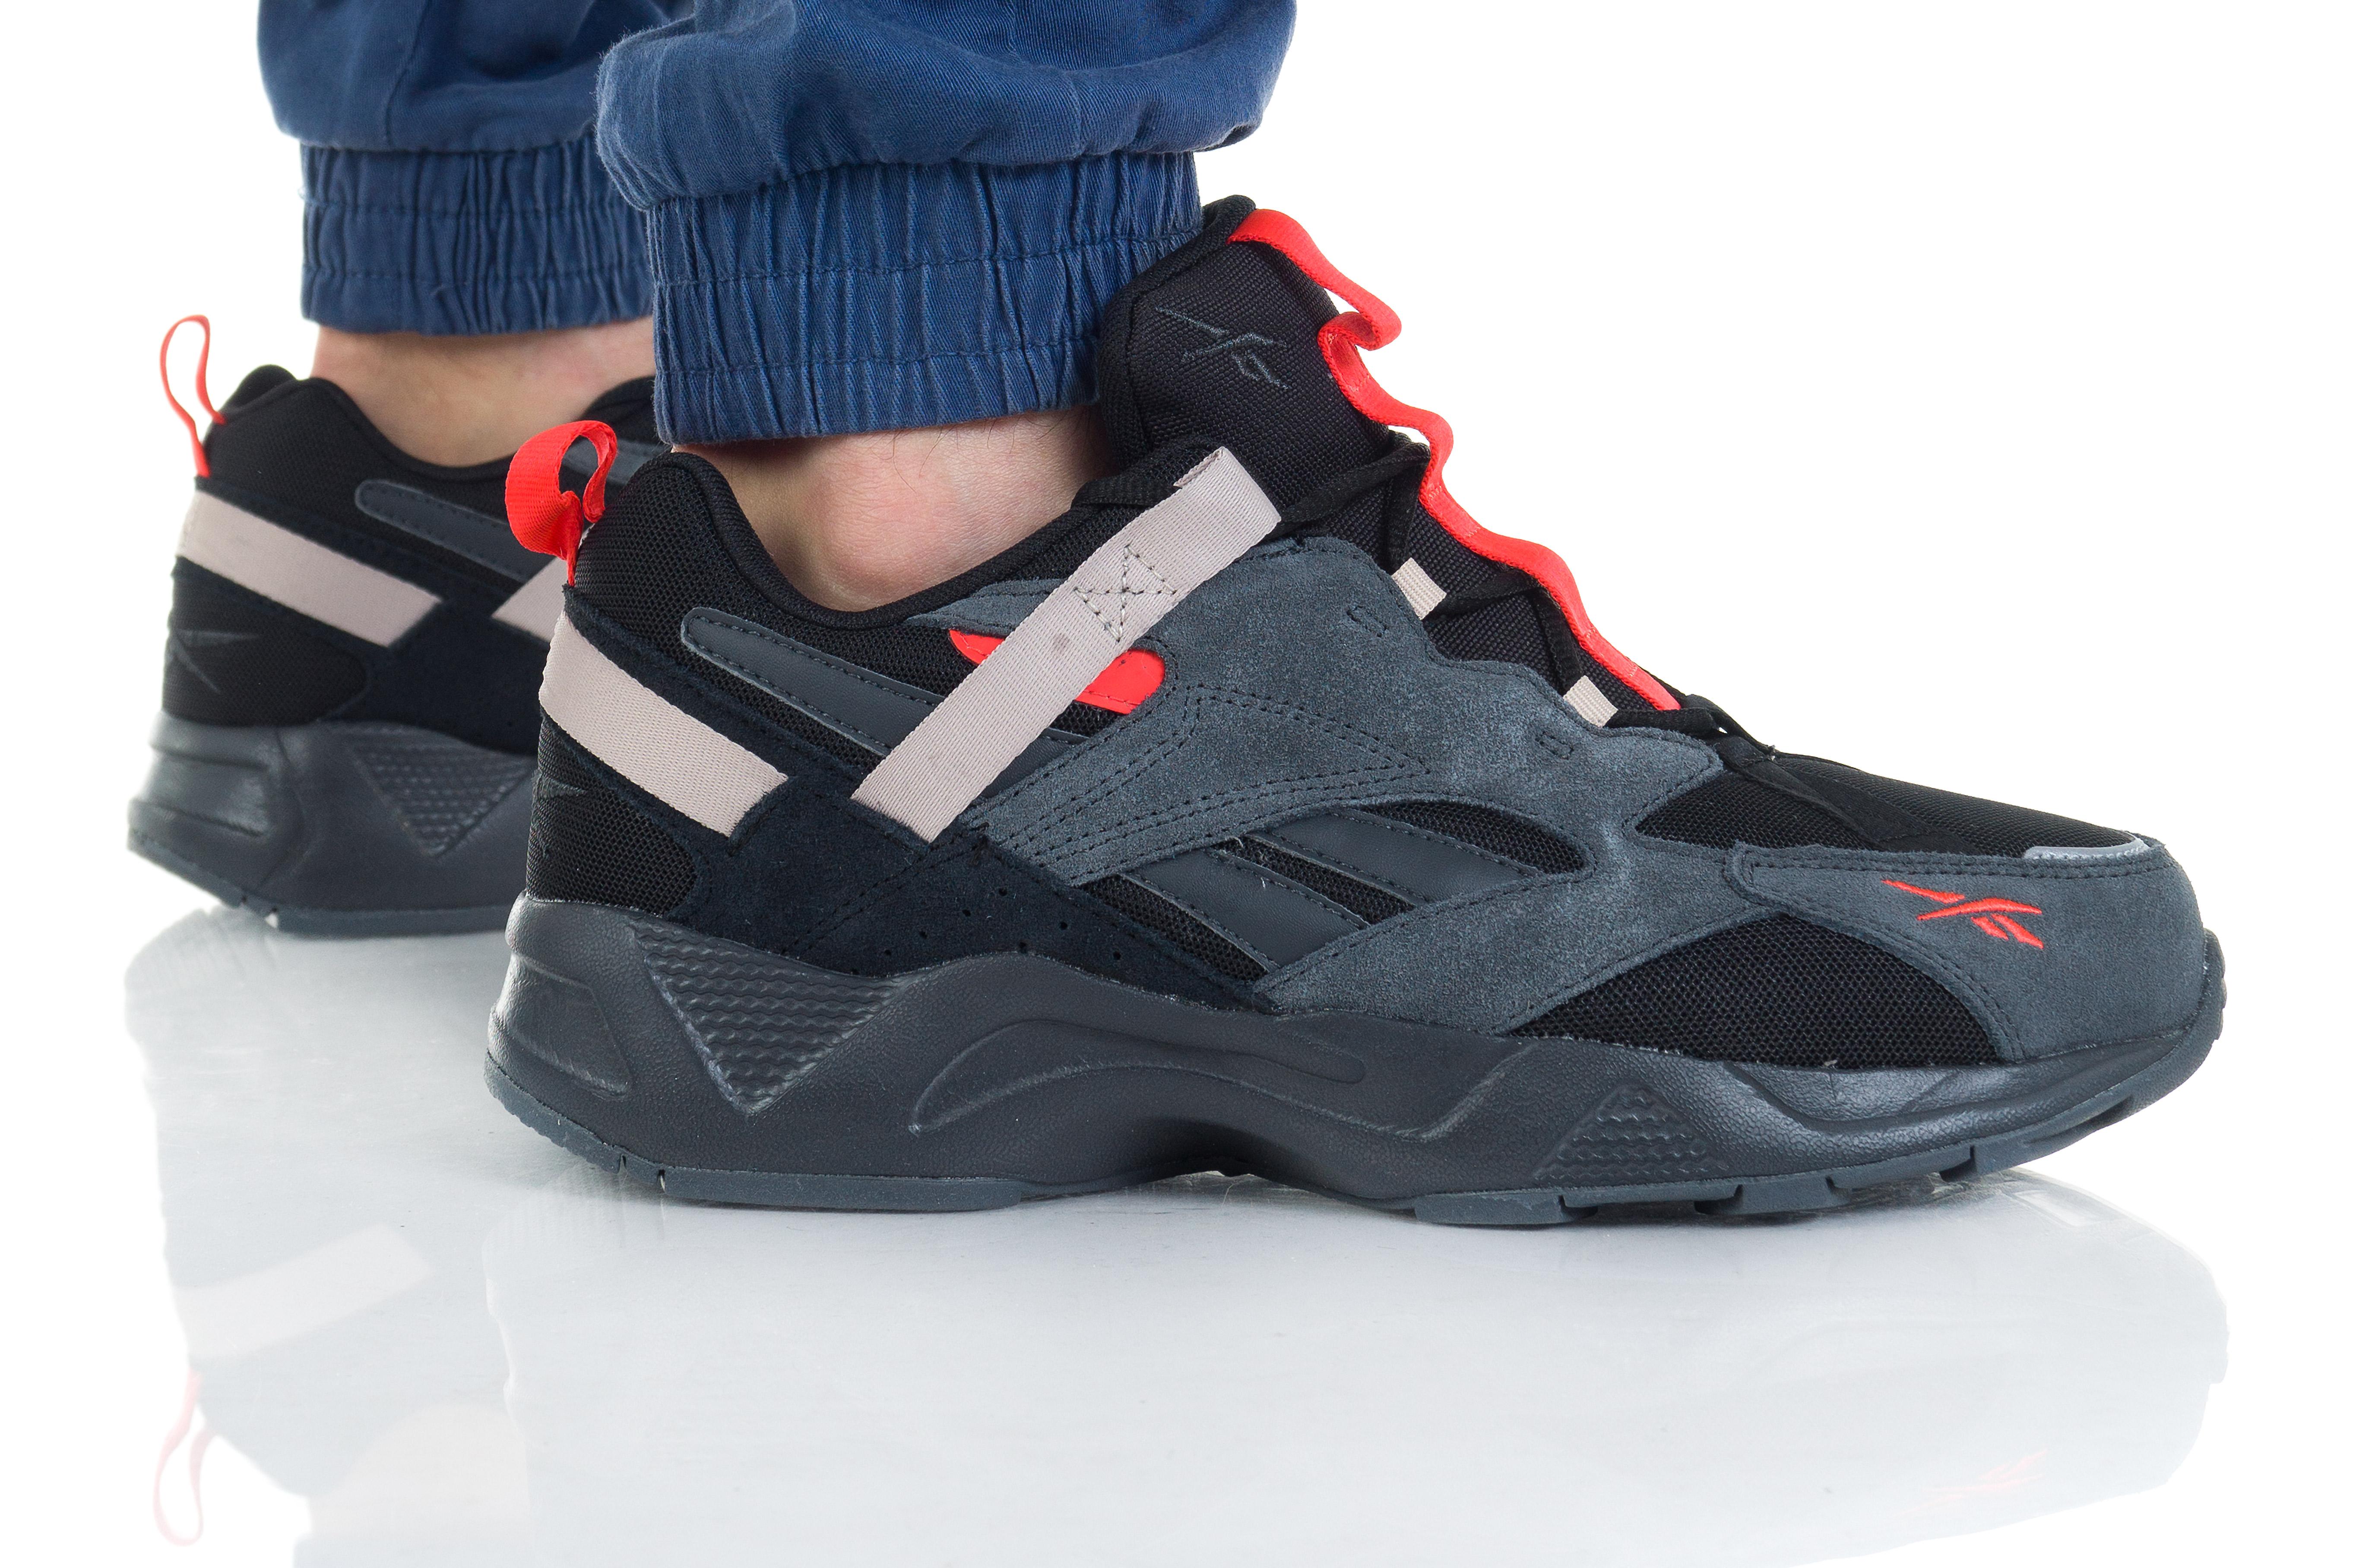 נעליים ריבוק לגברים Reebok Aztrek 96 Adventure - שחור